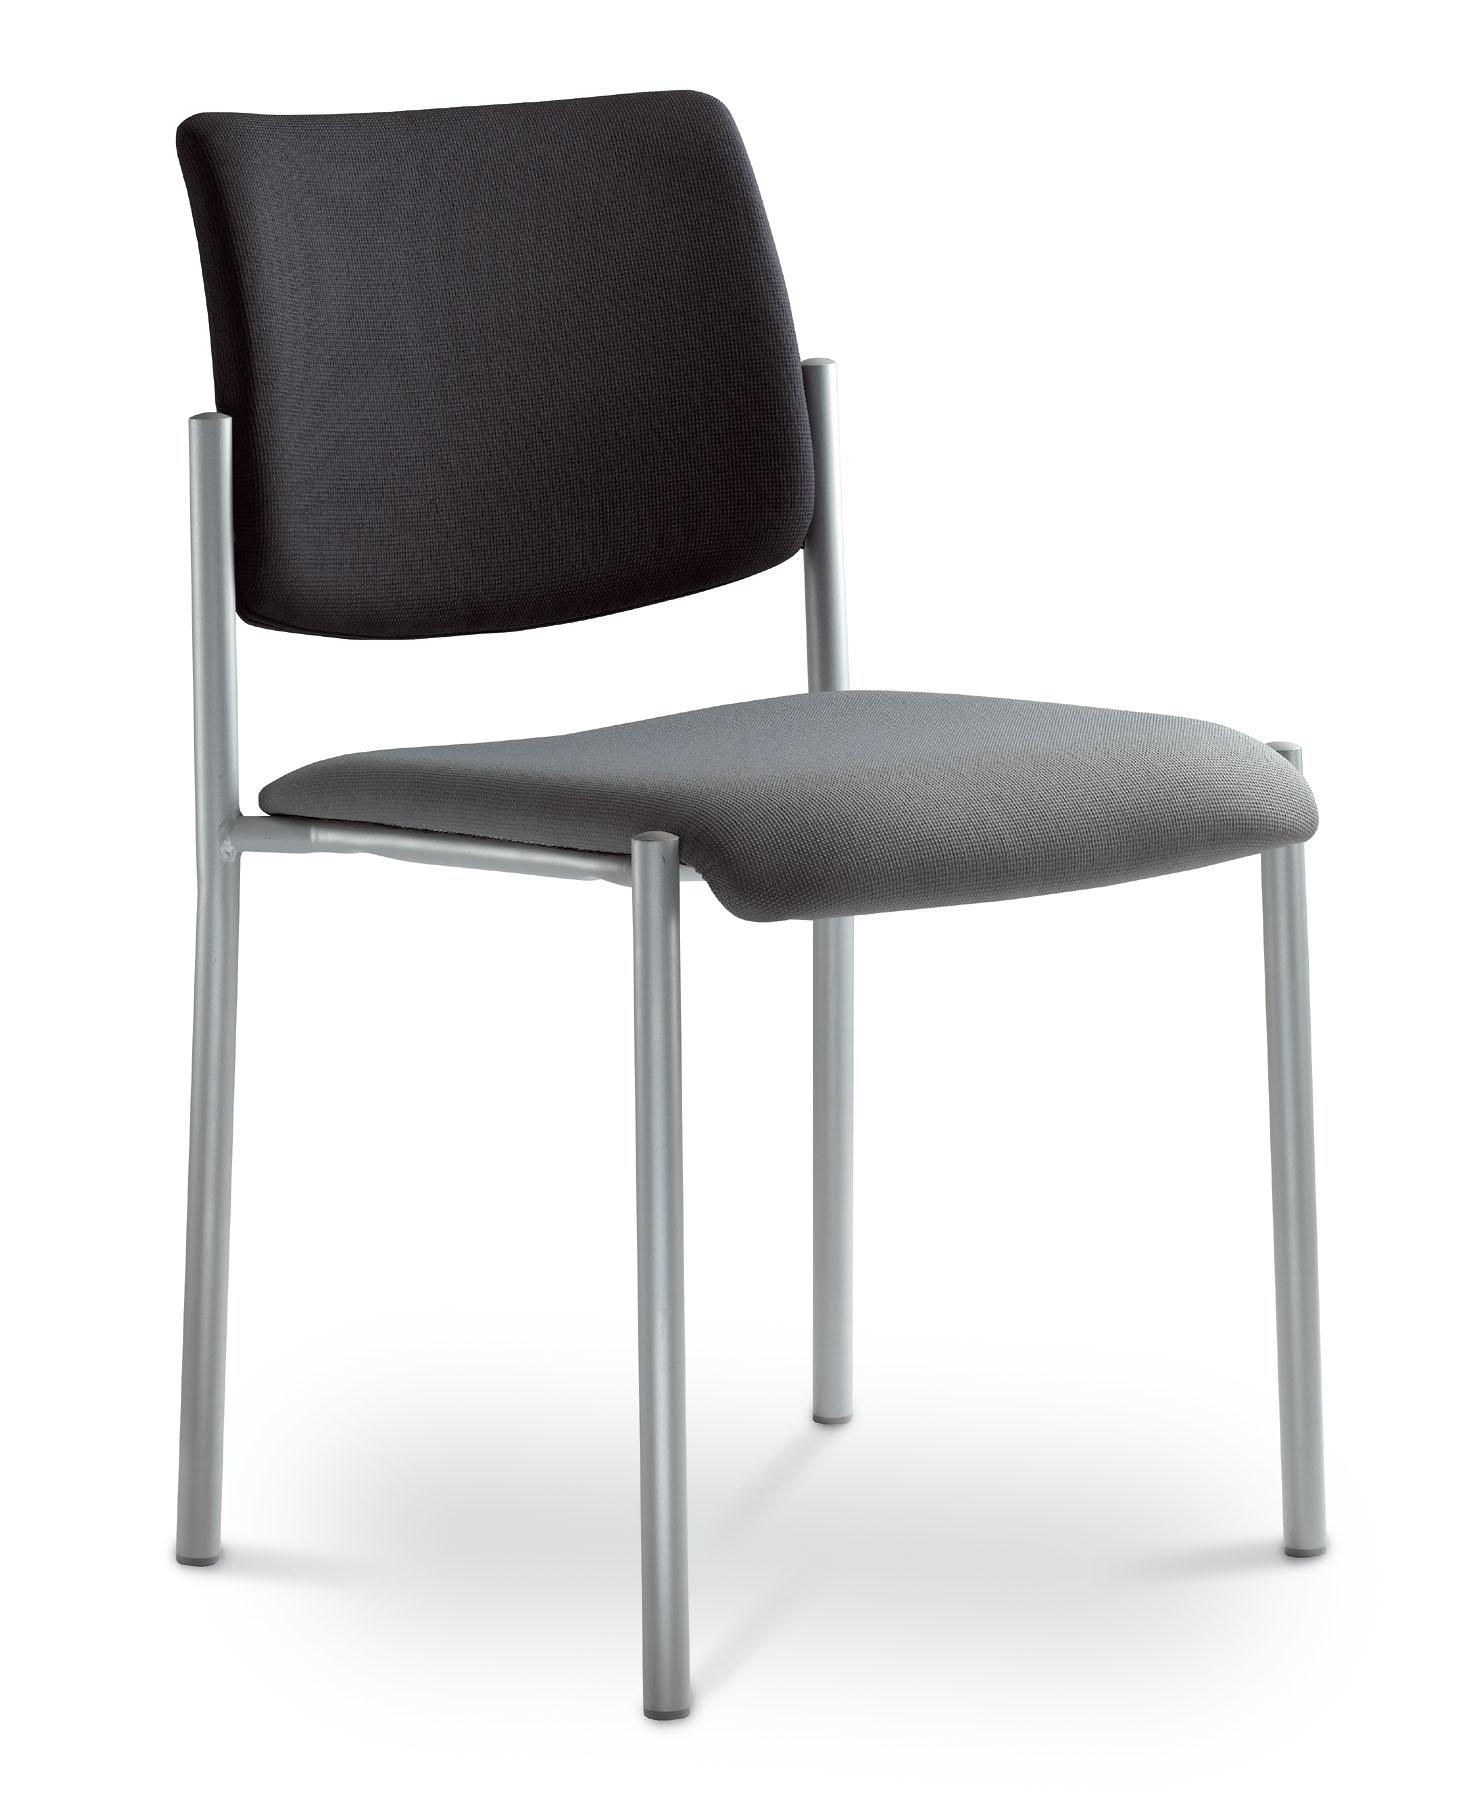 LD Seating Conference 155 N1 AK - Konferenční židle